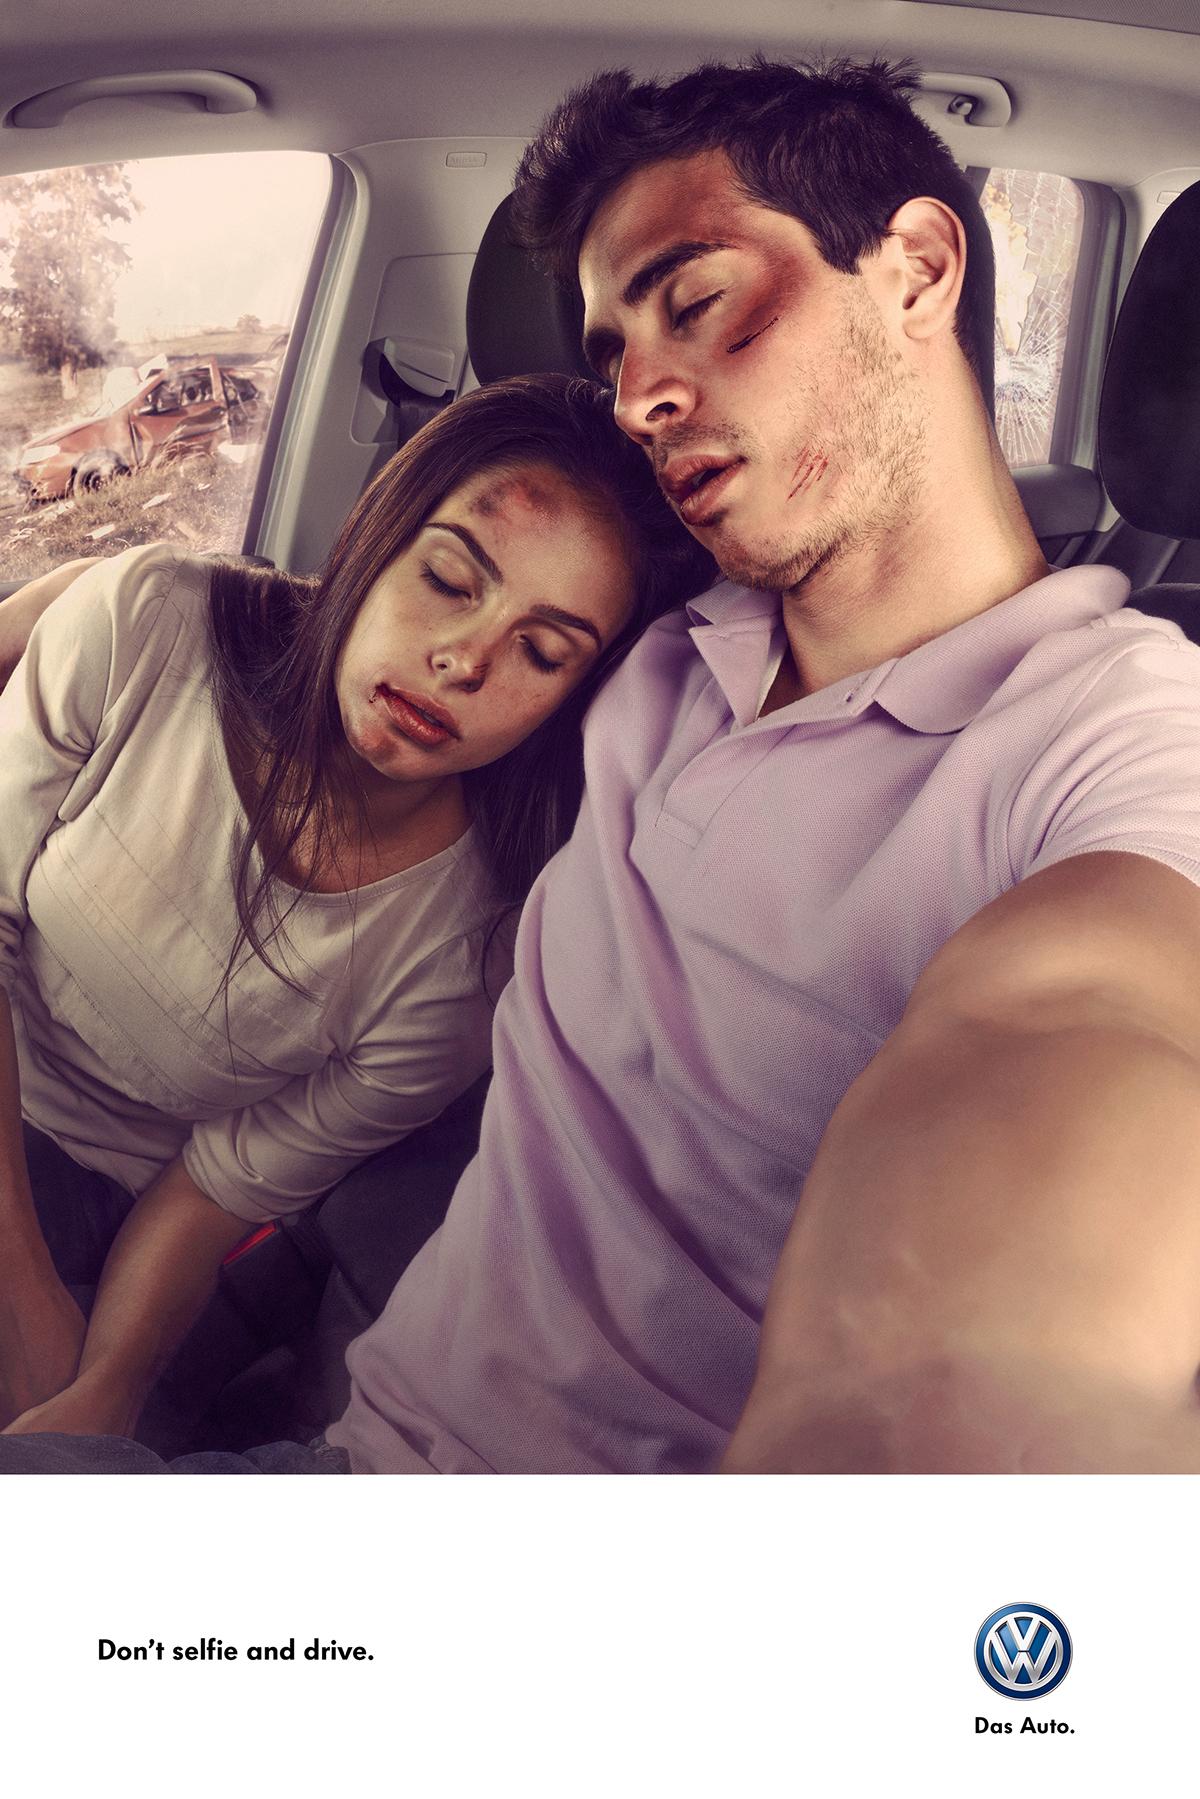 volkswagen friends couple guy accident crash automotive   car selfie traffic